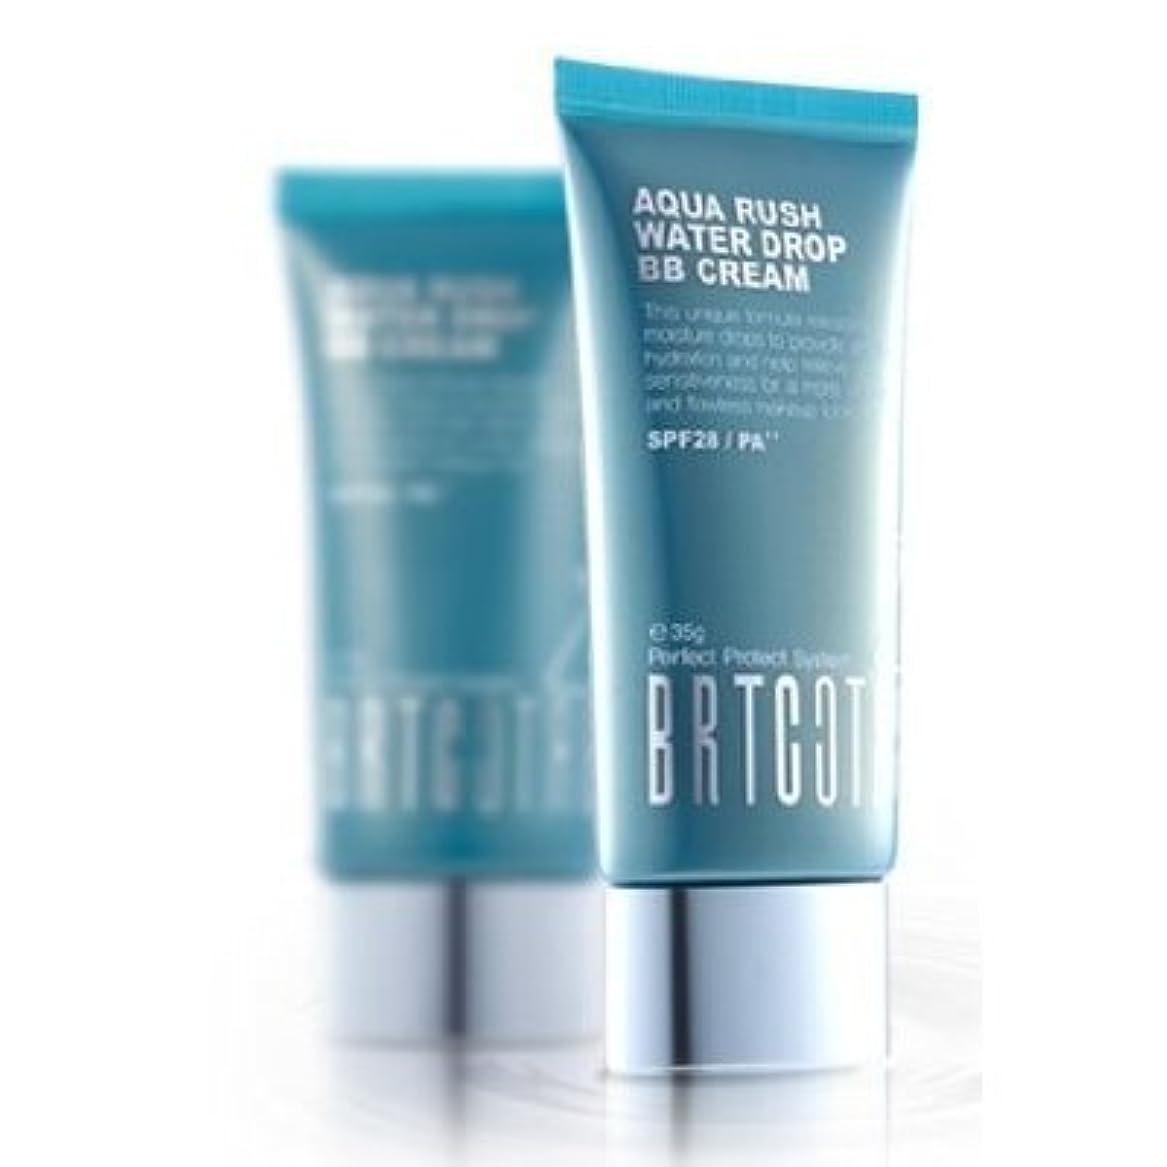 言う許す列挙するKOREAN COSMETICS, BRTC, Aqua Rush Water Drop BB Cream 60g (intensive moisturizing, skin tone correction, UV protection...